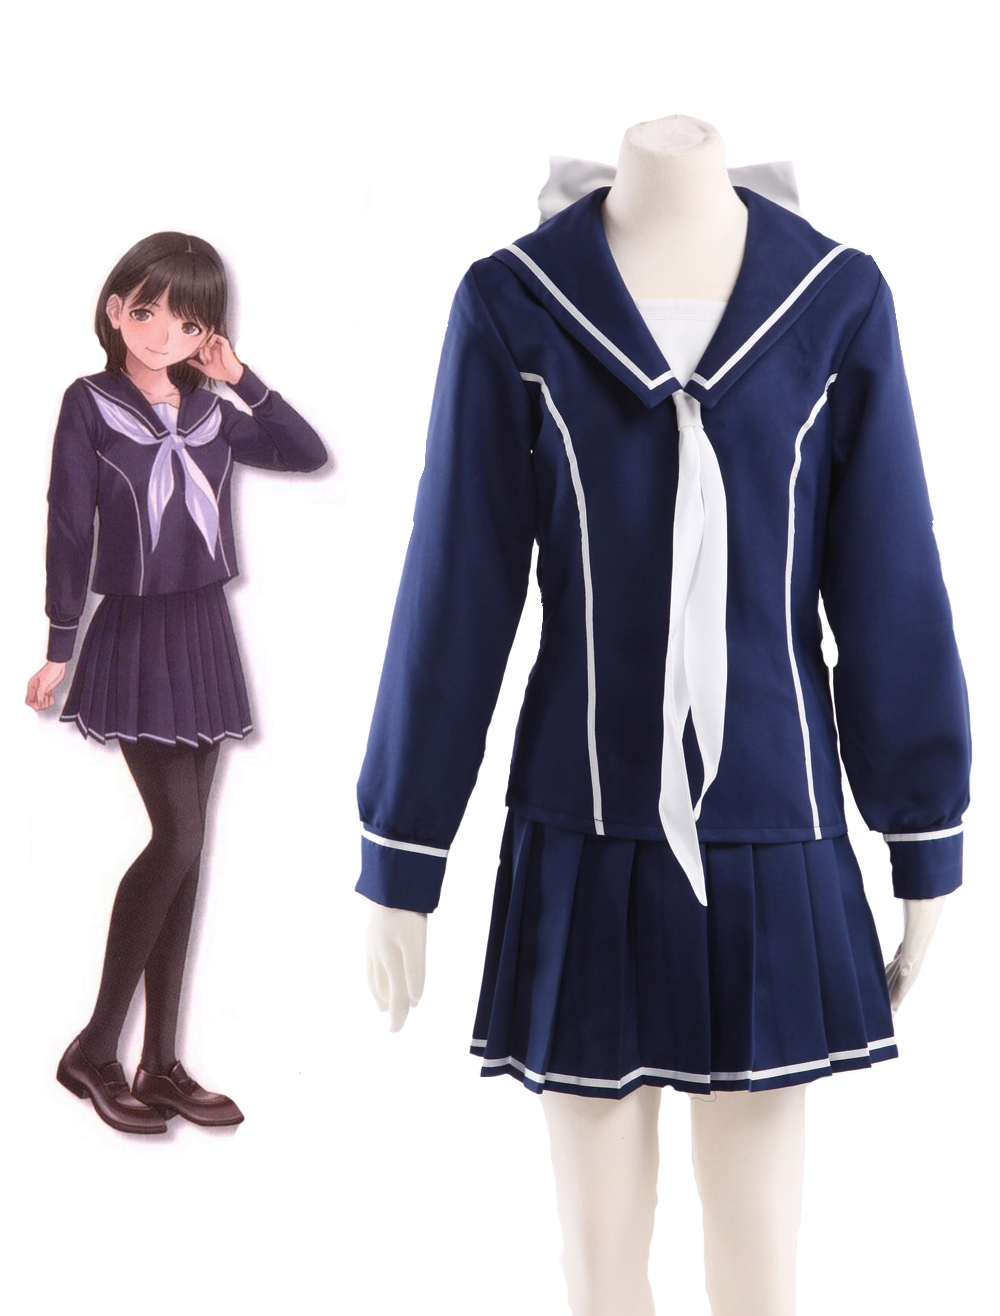 Schoolgirl xxs hentai download